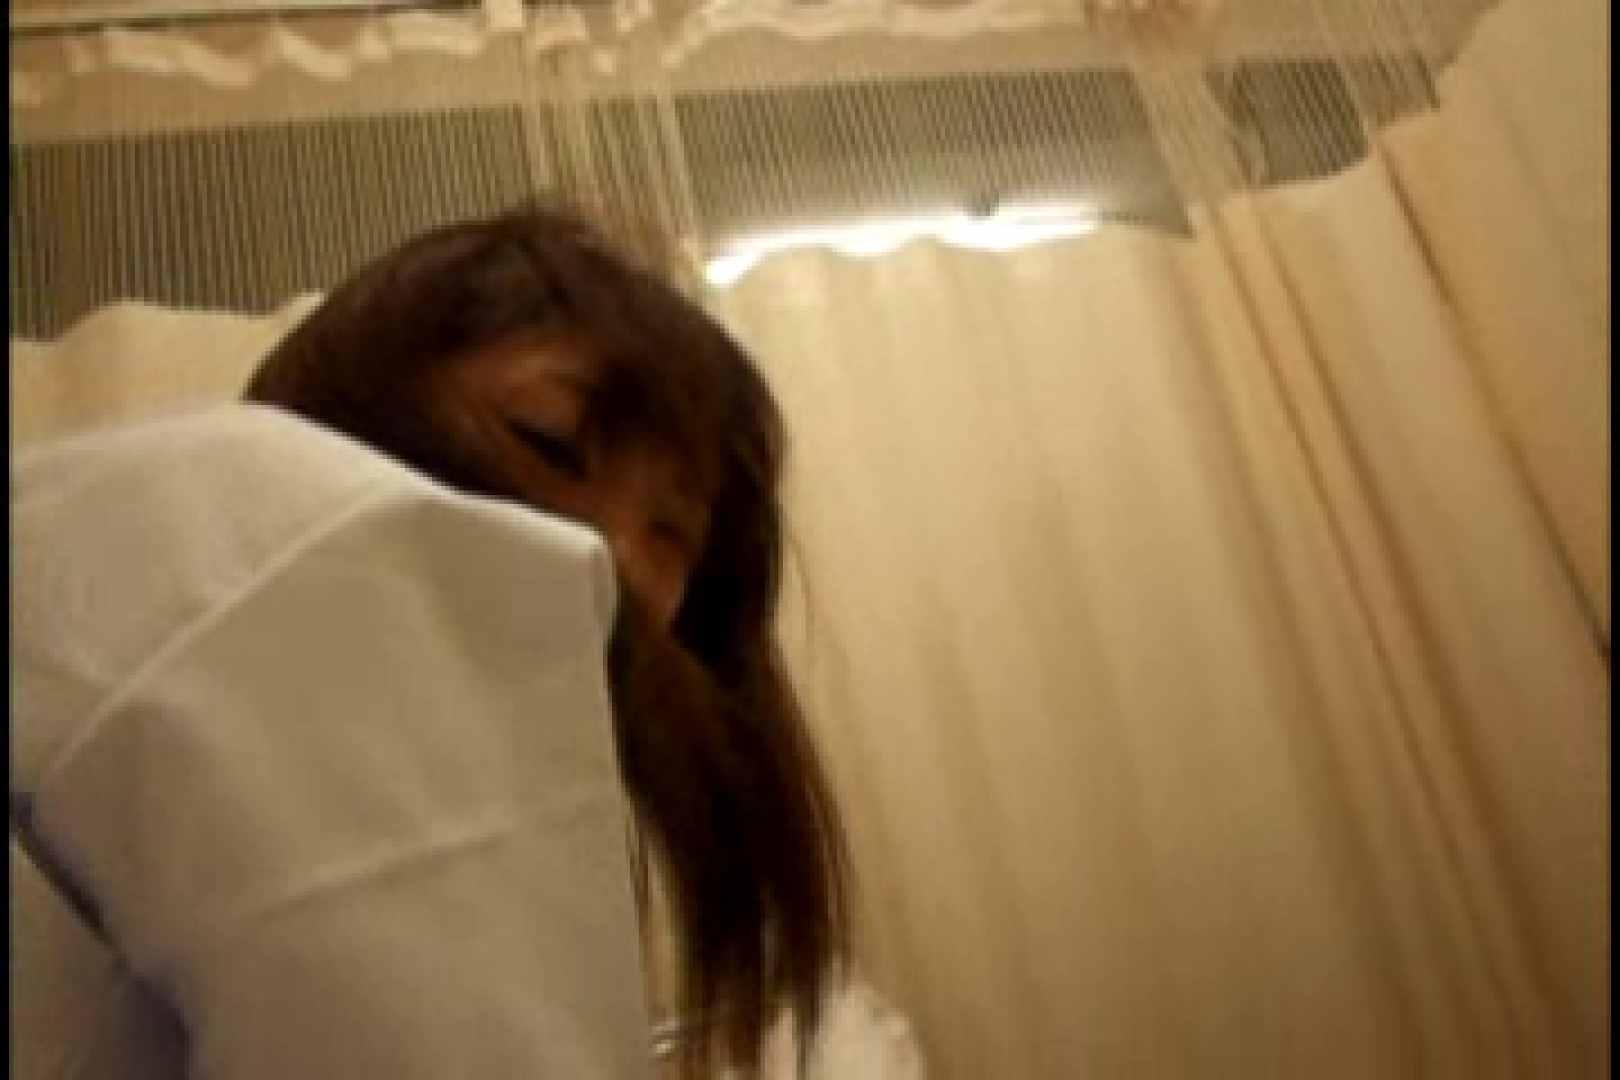 ヤリマンと呼ばれた看護士さんvol2 OLのエッチ アダルト動画キャプチャ 65pic 59